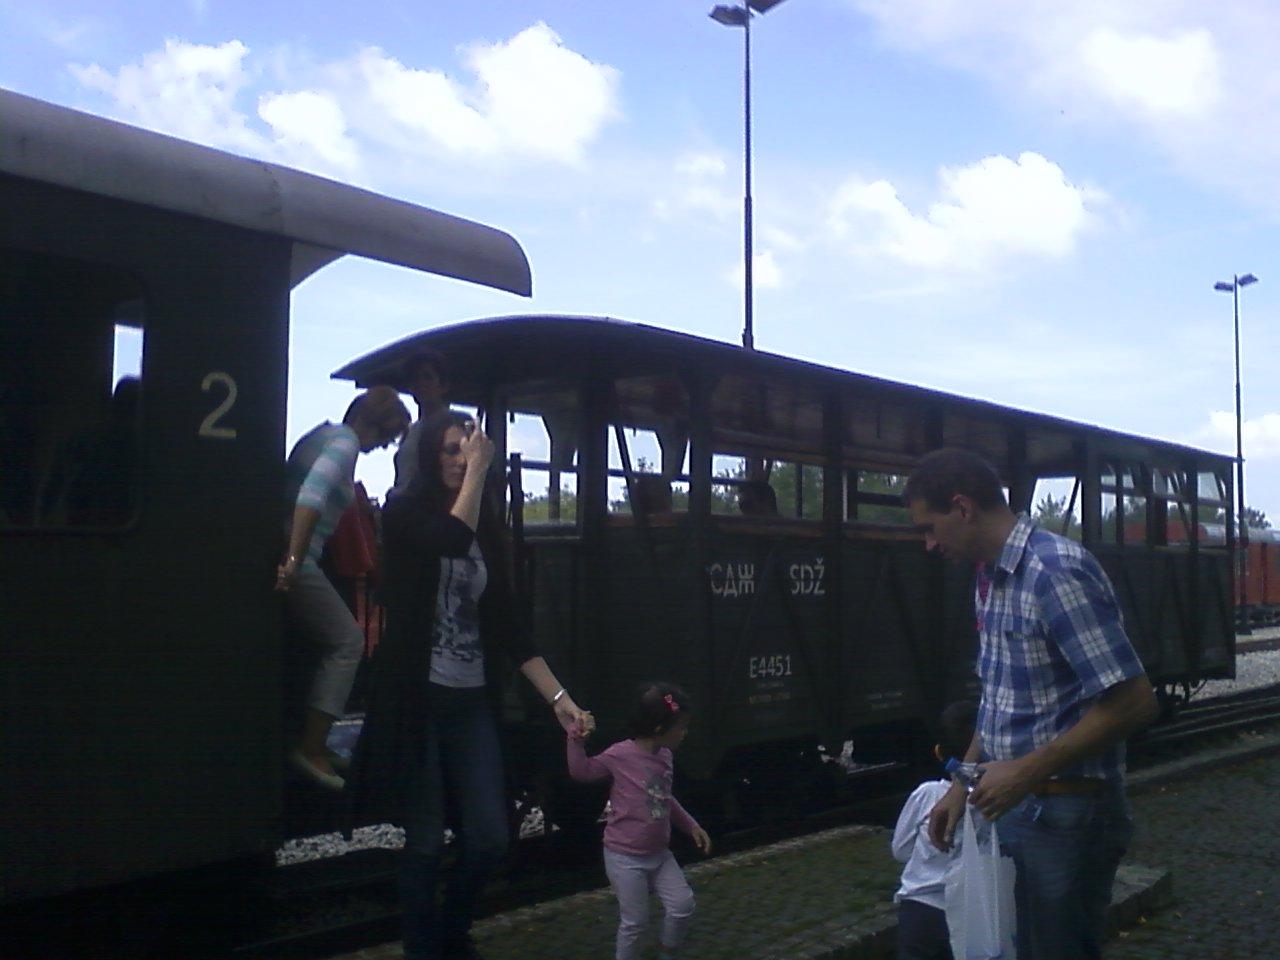 יורדים מהרכבת